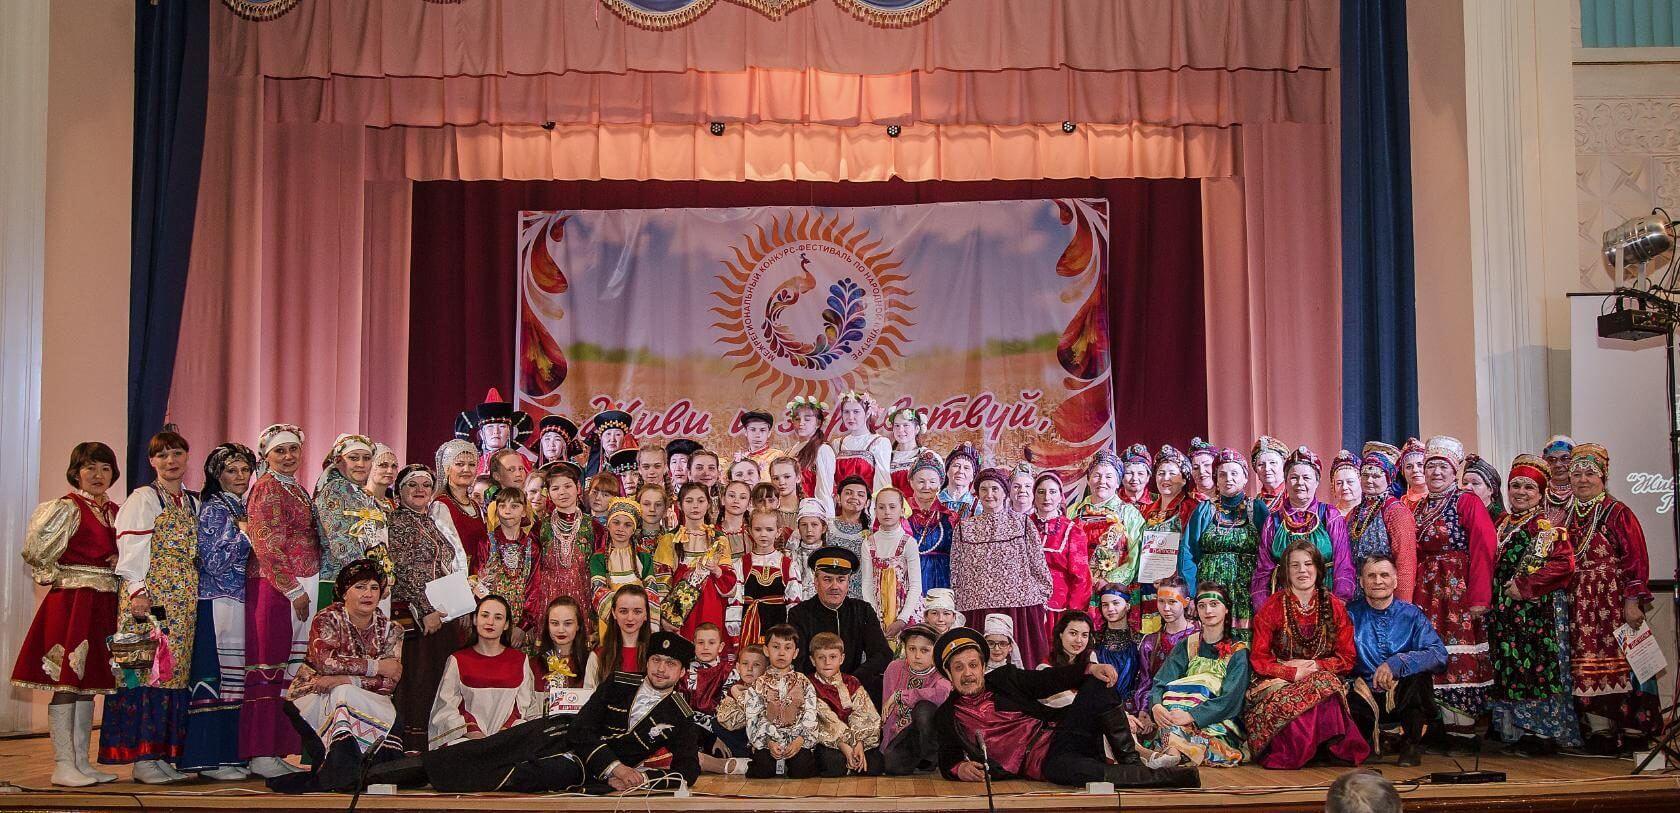 Приглашаем стать гостями фестиваля хорового искусства «Живи и здравствуй, Русь Святая!»